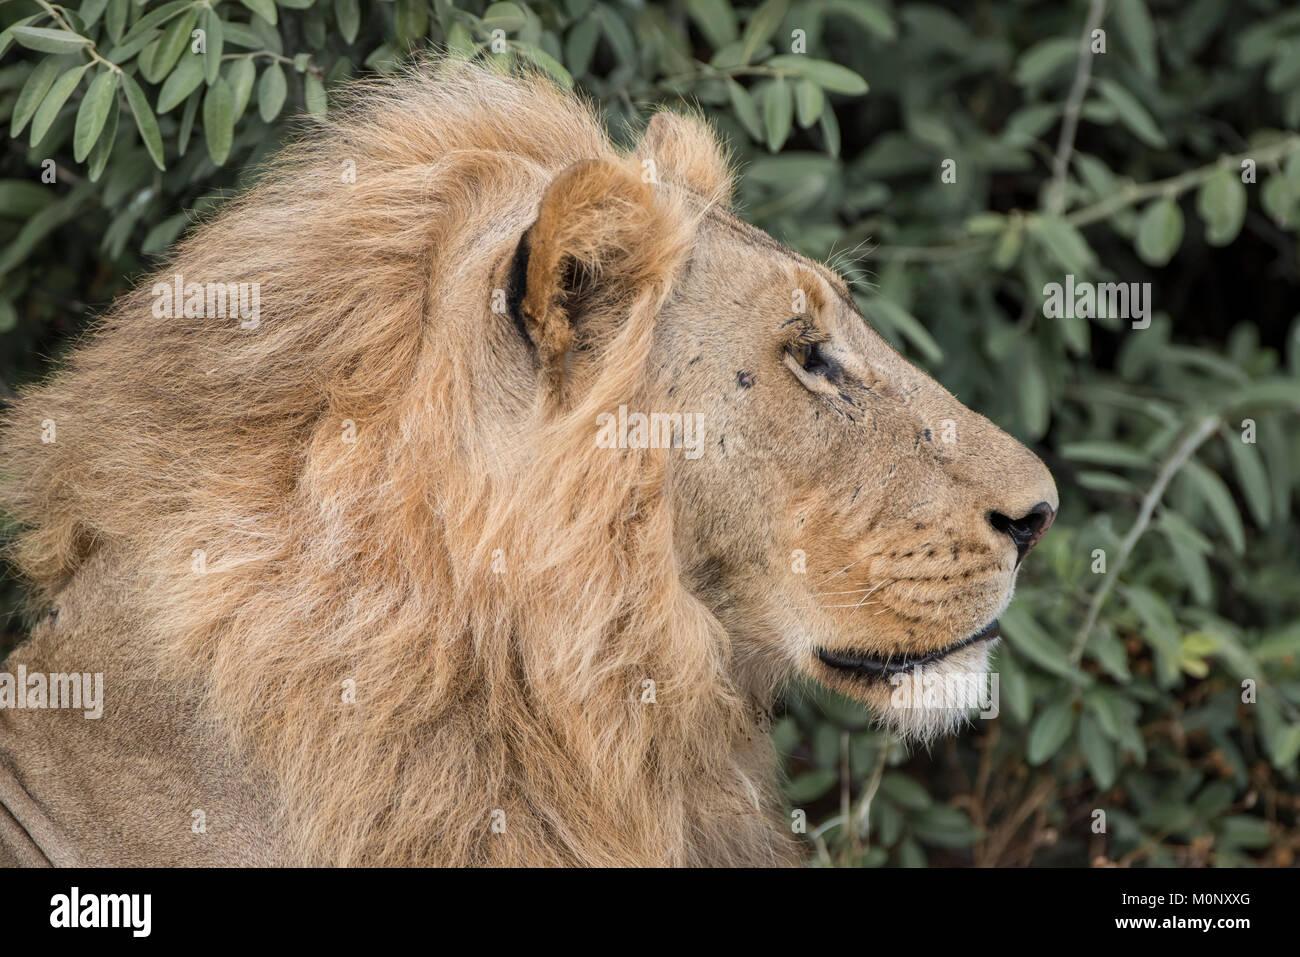 León (Panthera leo),macho,retrato,Vista lateral,Savuti,Parque Nacional Chobe,distrito de Chobe,Botswana Imagen De Stock